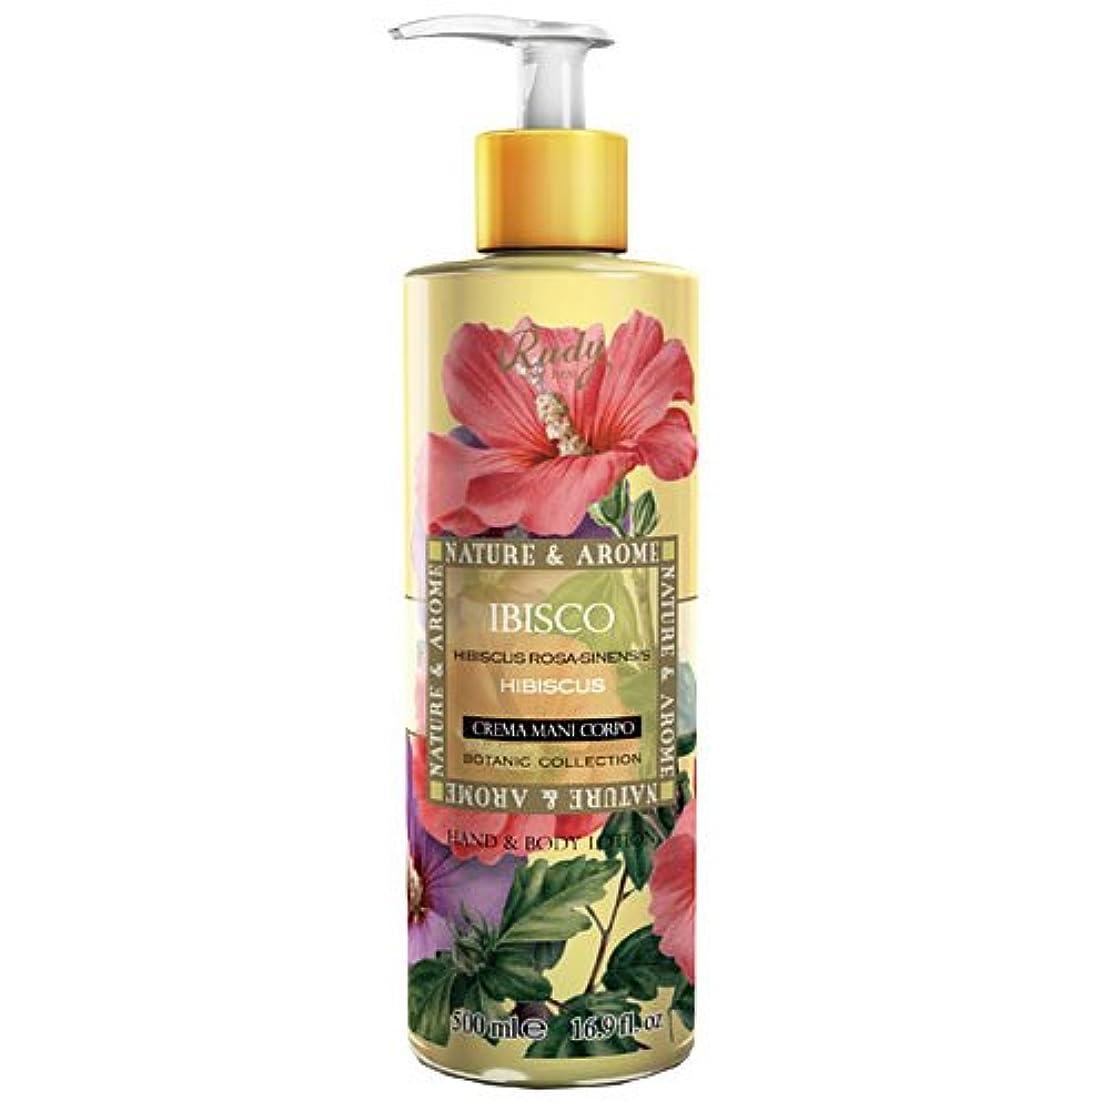 ギャザー緊急献身RUDY Nature&Arome SERIES ルディ ナチュール&アロマ Hand&Body lotion ハンド&ボディローション ハイビスカス